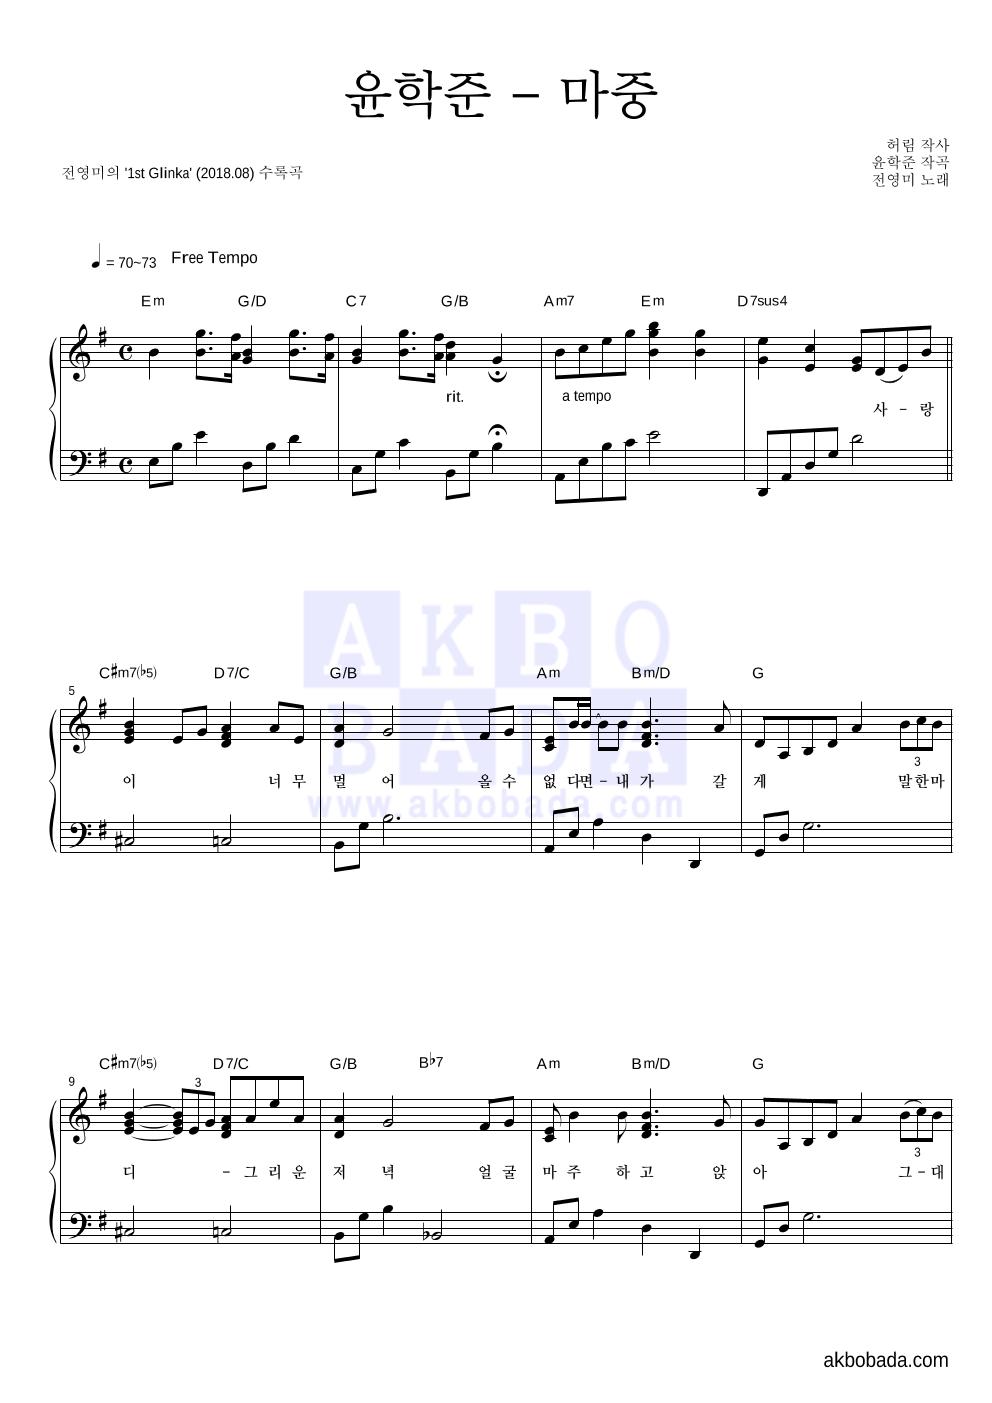 전영미 - 윤학준 - 마중 피아노 2단 악보